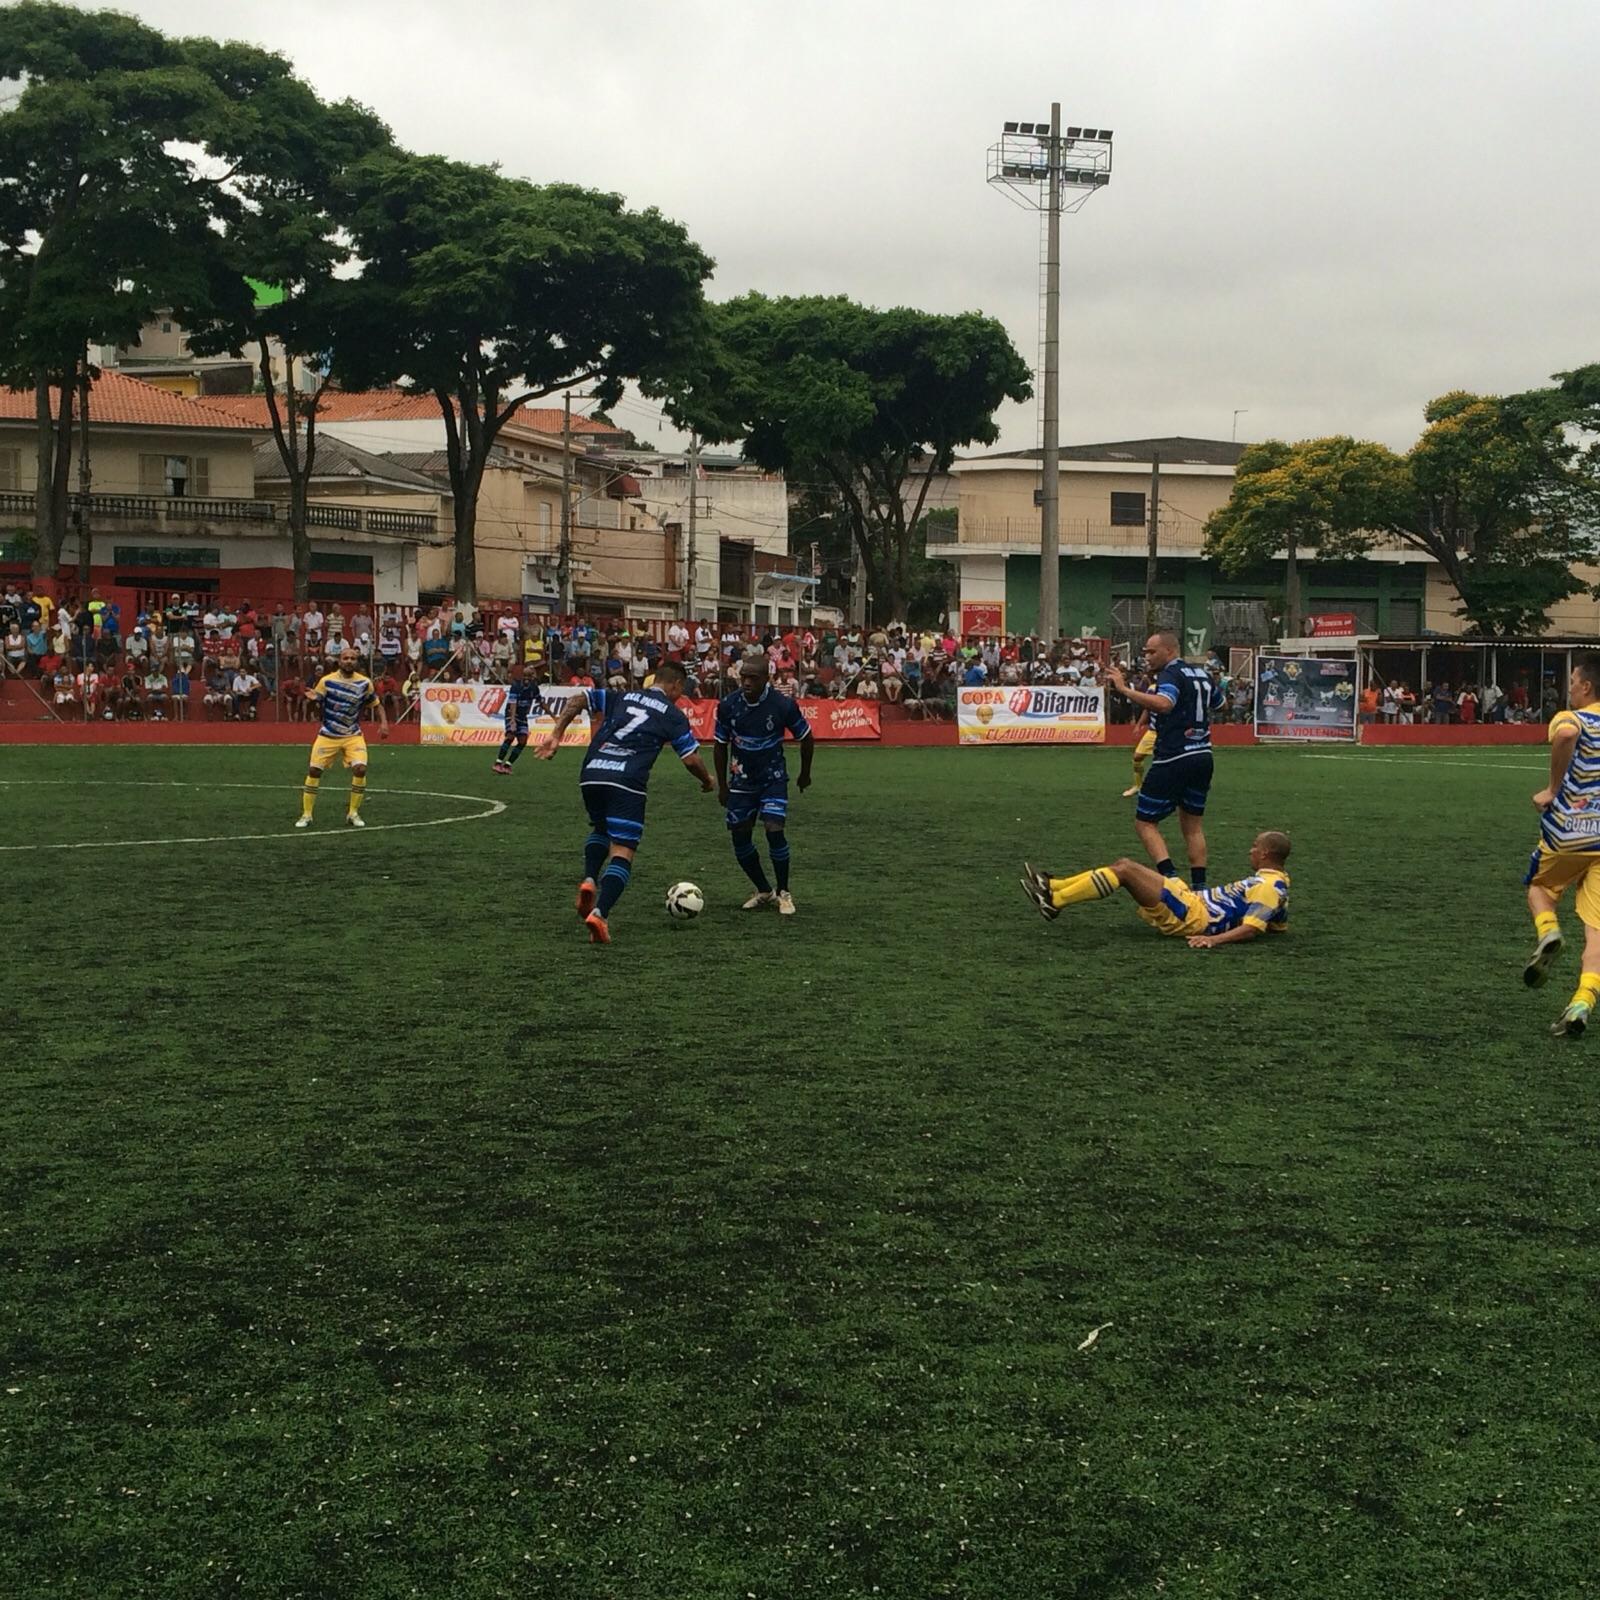 São Carlos vence Ipanema nos pênaltis e se classifica para a próxima fase da Copa Bifarma 2015